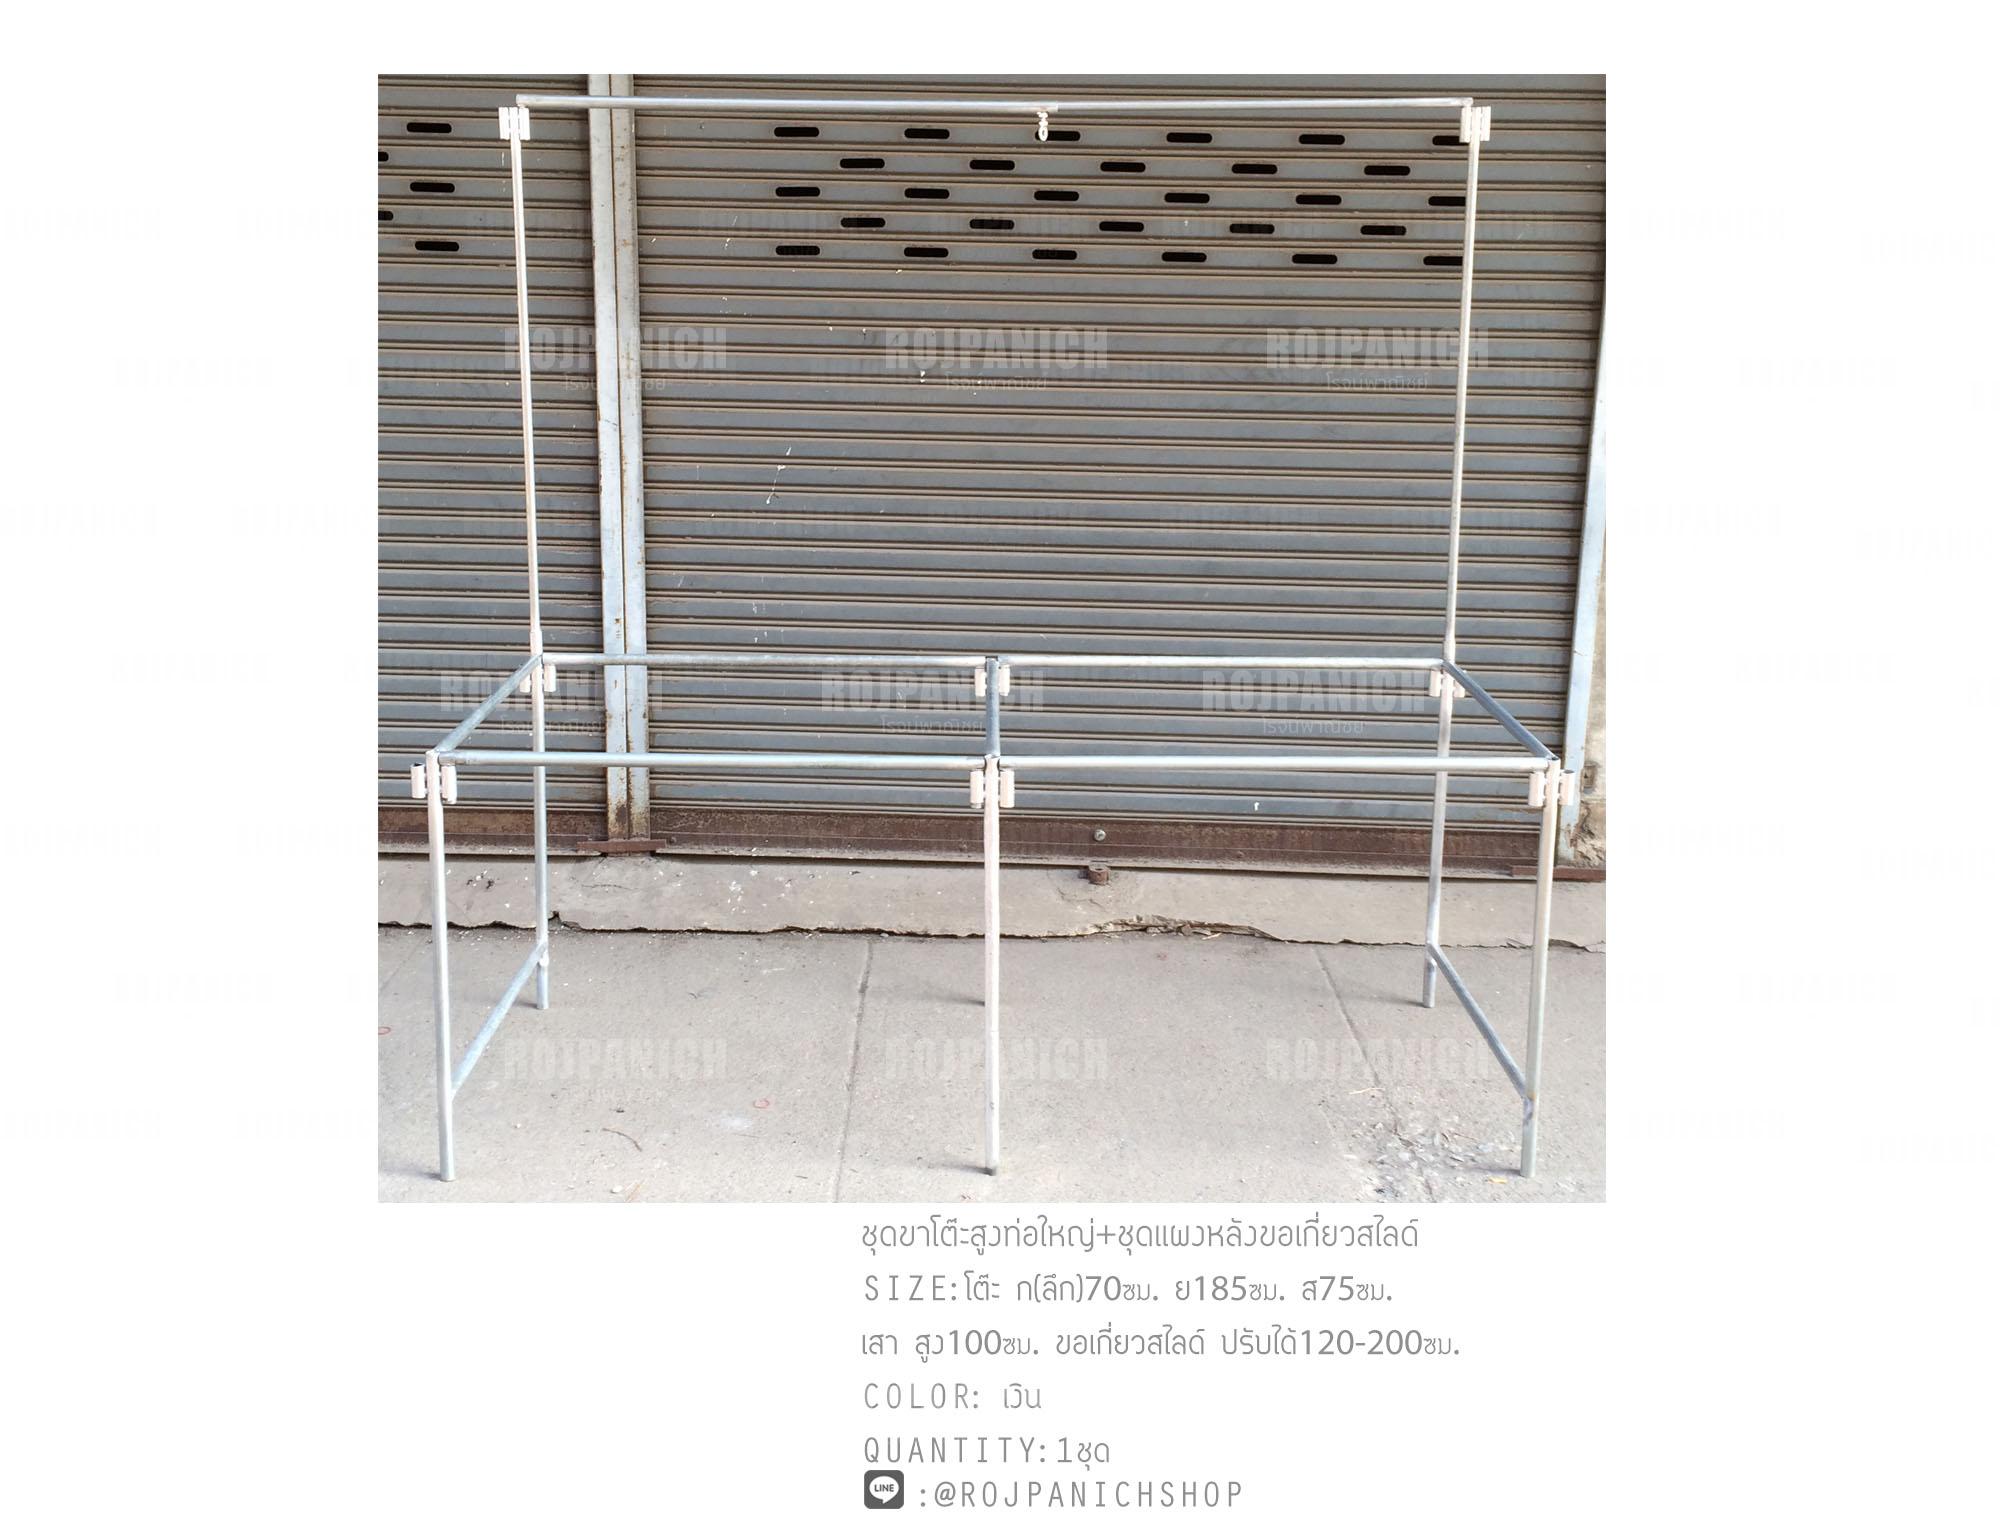 ชุดขาโต๊ะสูงท่อใหญ่+ชุดแผงหลังขอเกี่ยวสไลด์